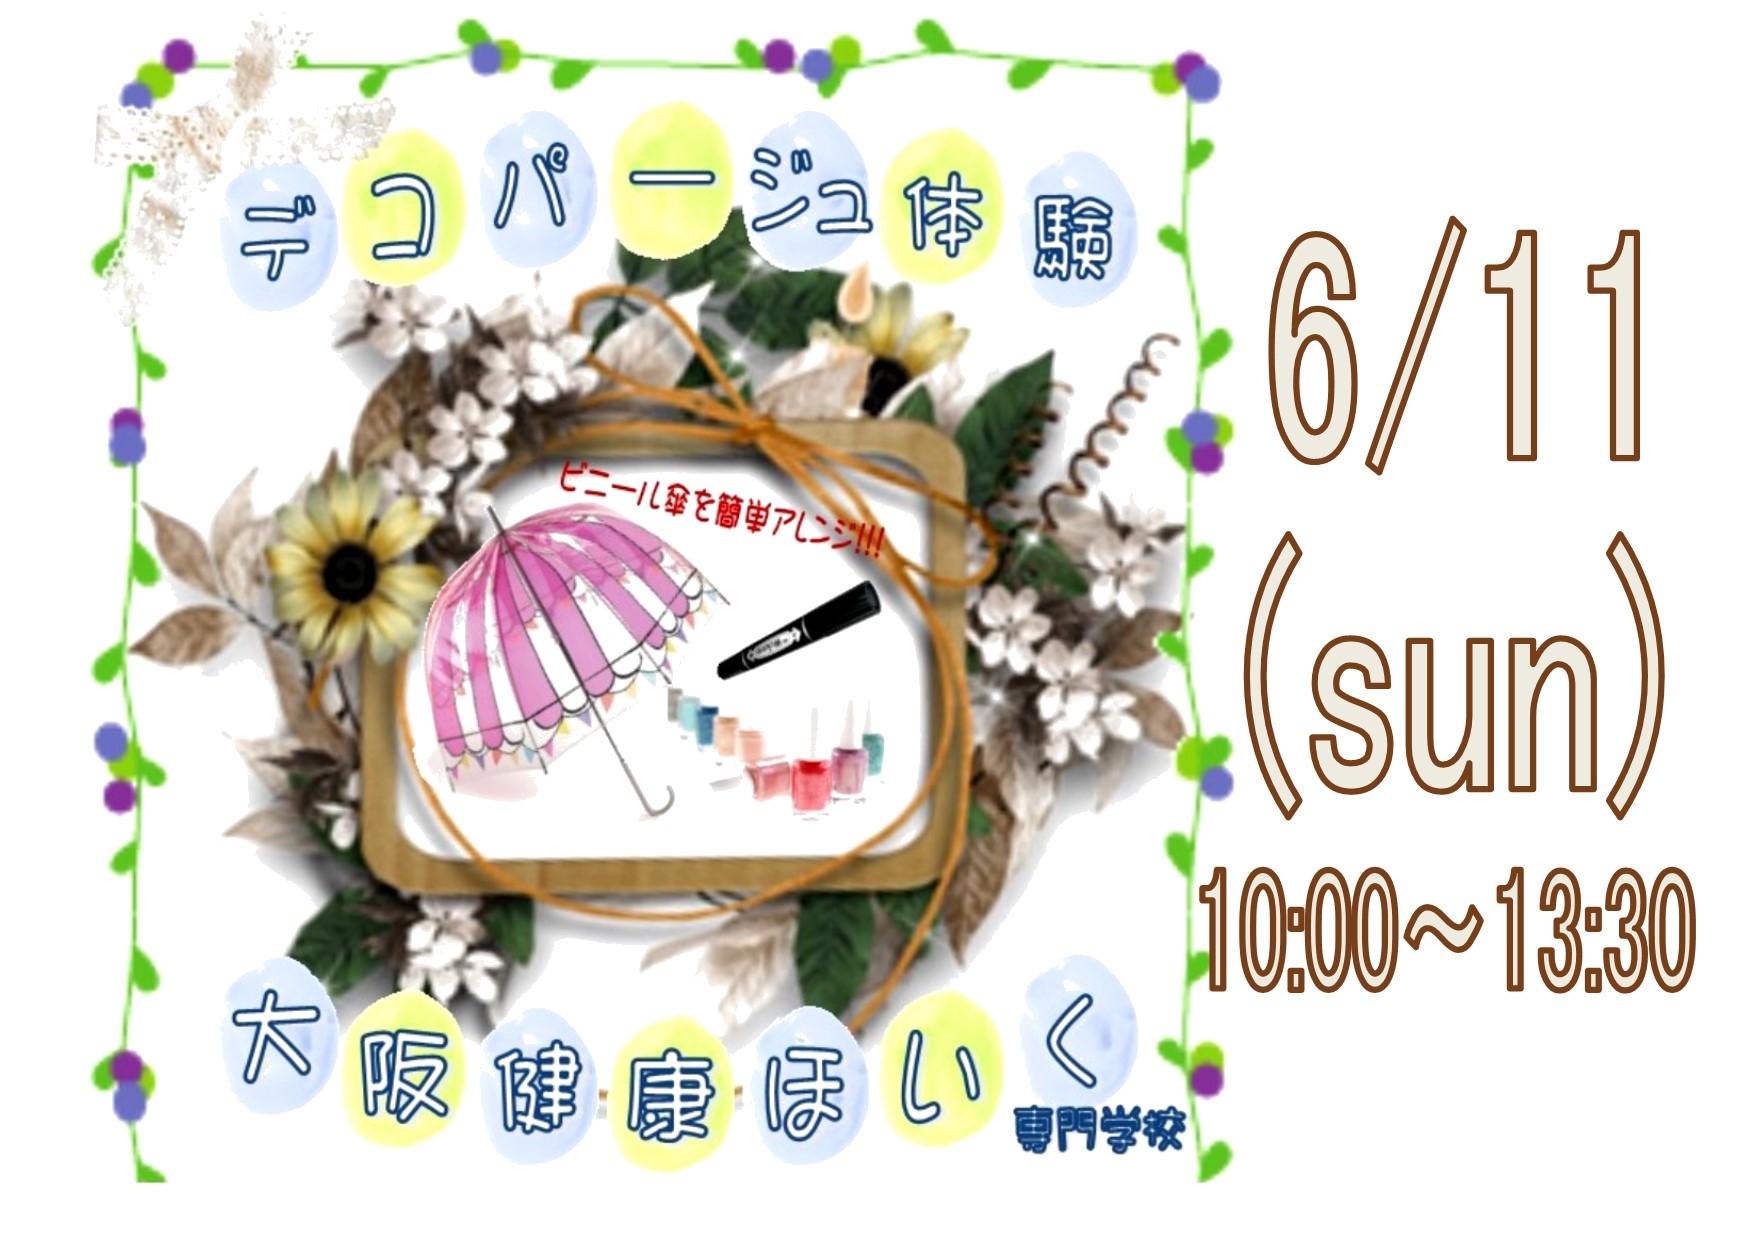 ☆6/11 ビニール傘 デコパージュ体験【★カサニー★】☆